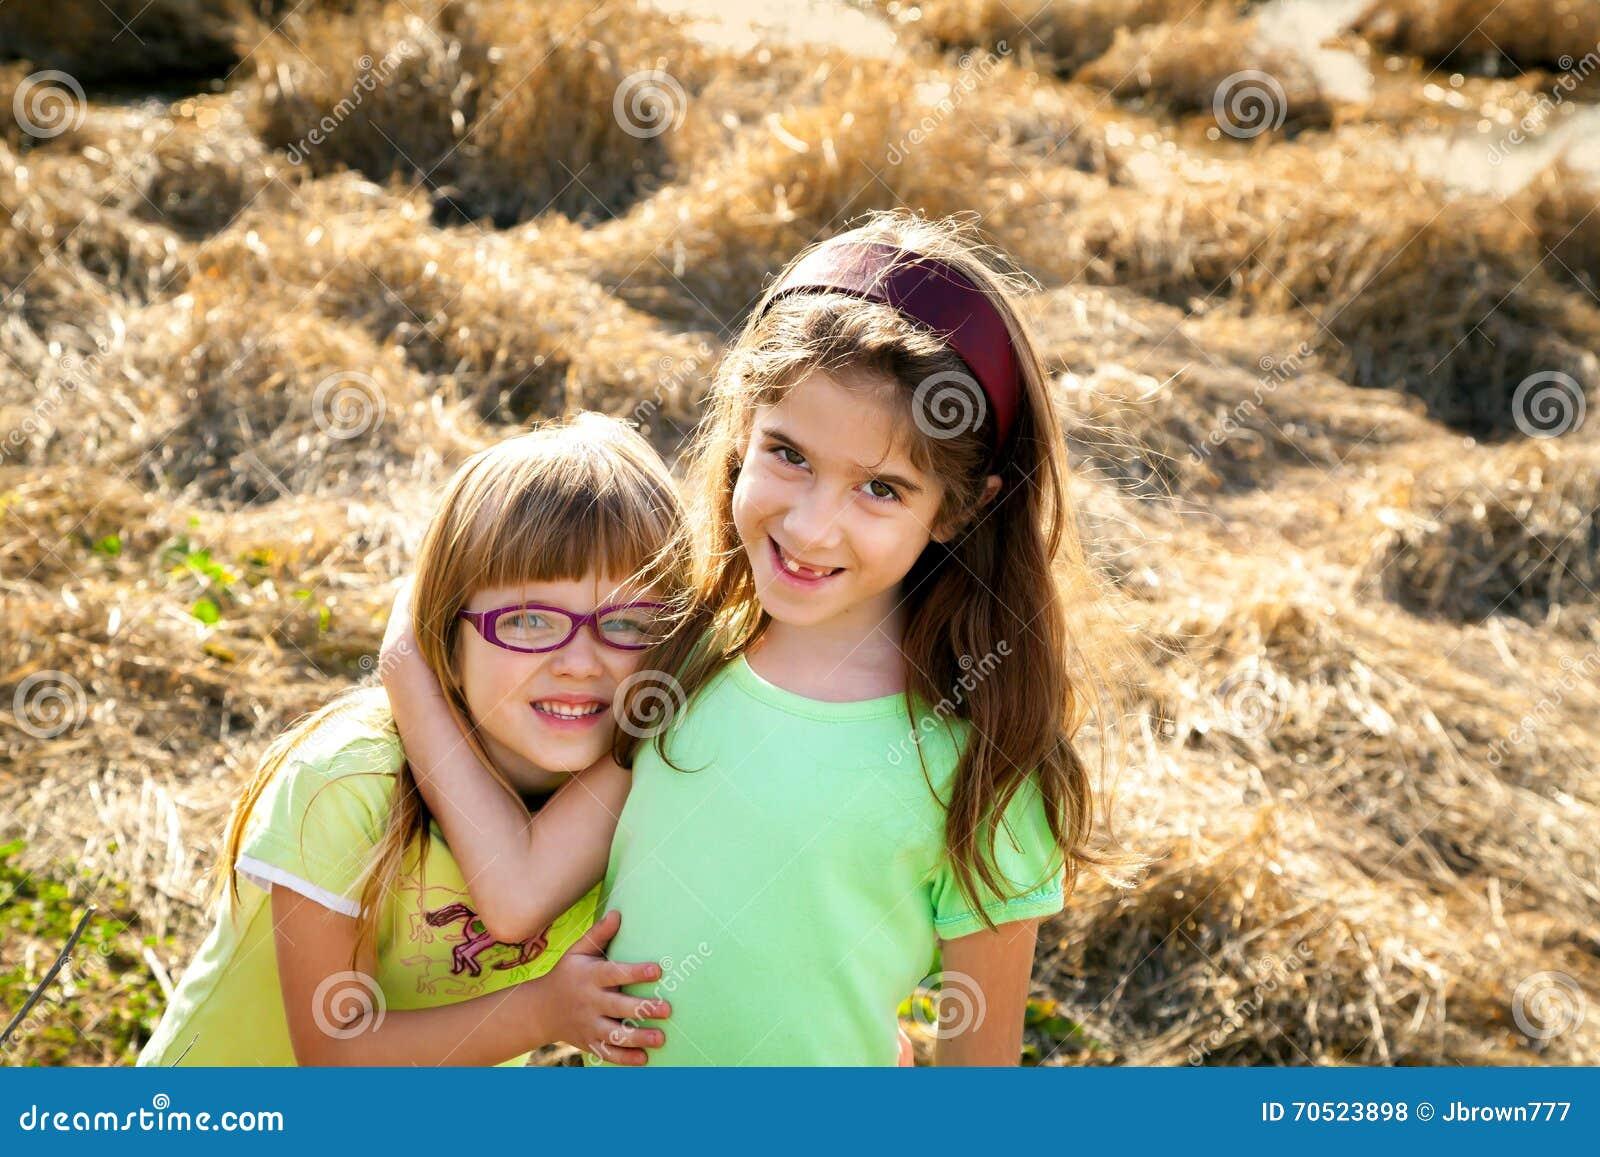 29b5a3b0599e1 Süße Schwestern Vor Zerquetschten Trockenen Schilfen Stockfoto ...